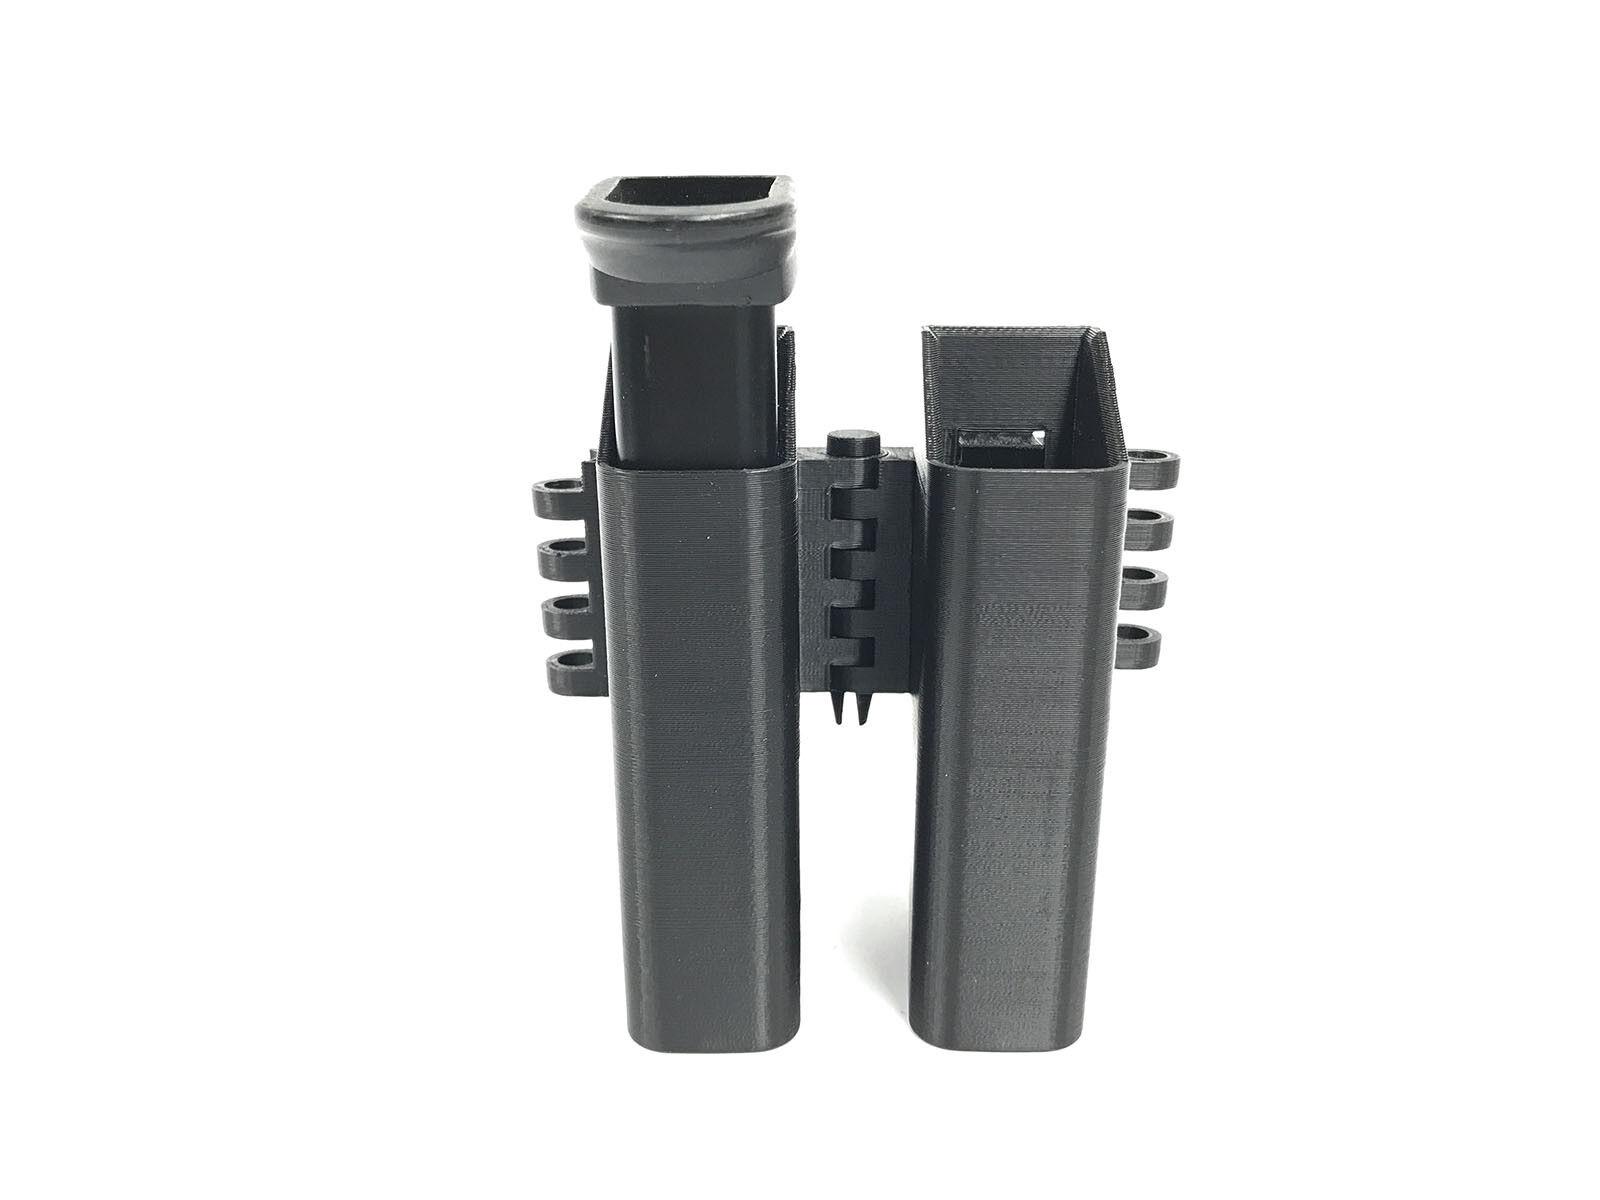 EAMP Enforcer - H&K P2000 USP40C Dual Mag Pouch - 0471-B